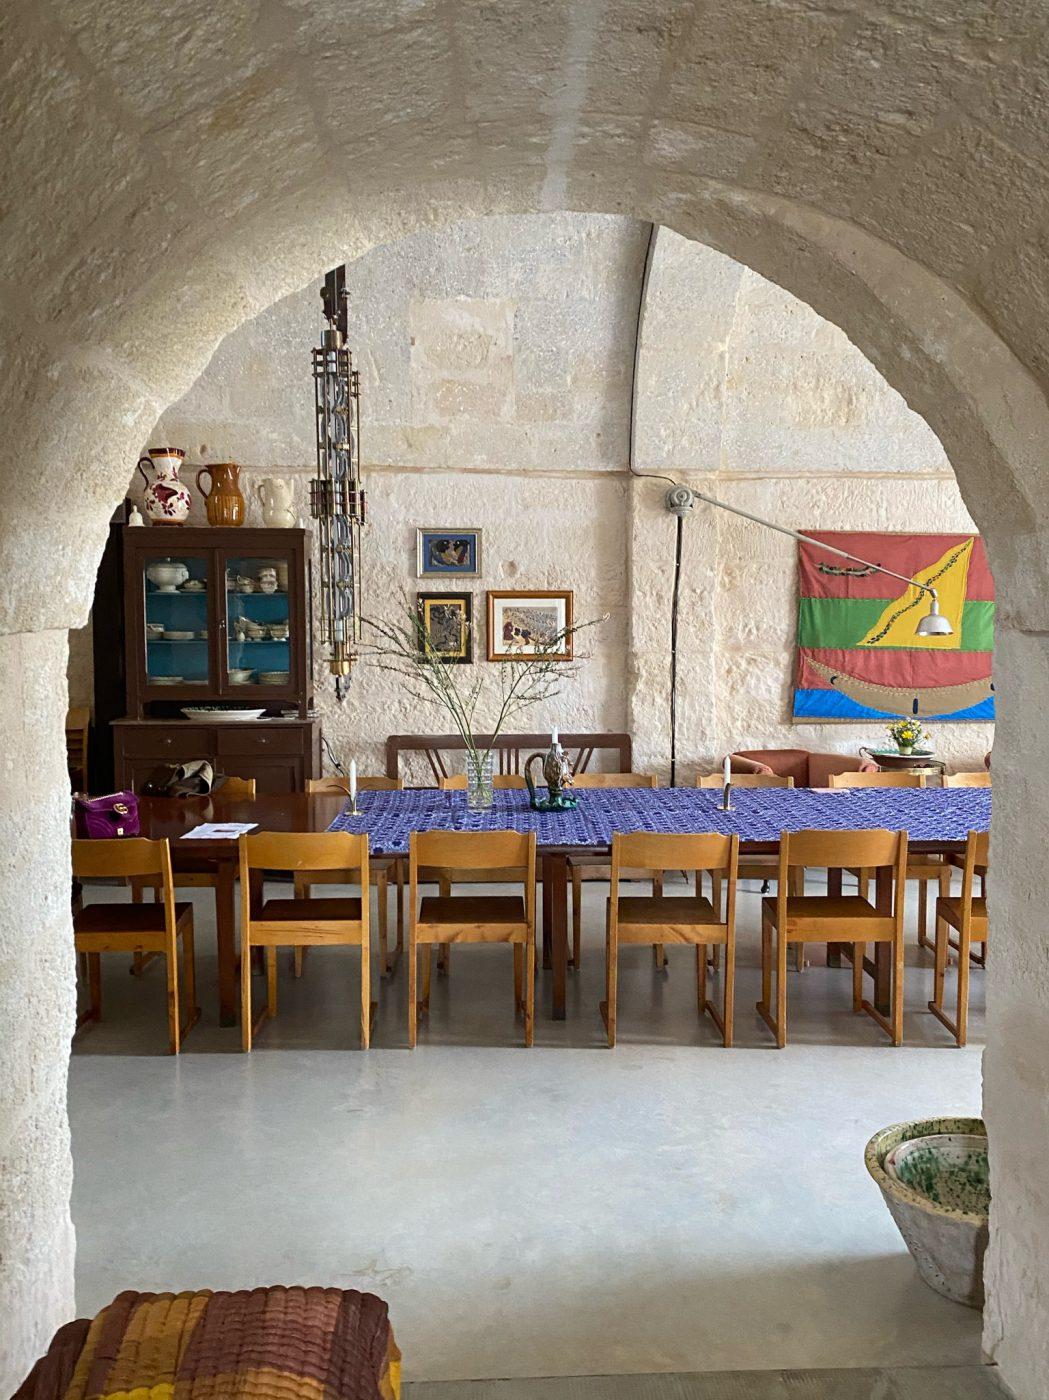 Masseria Schiuma - Monopoli, Puglia